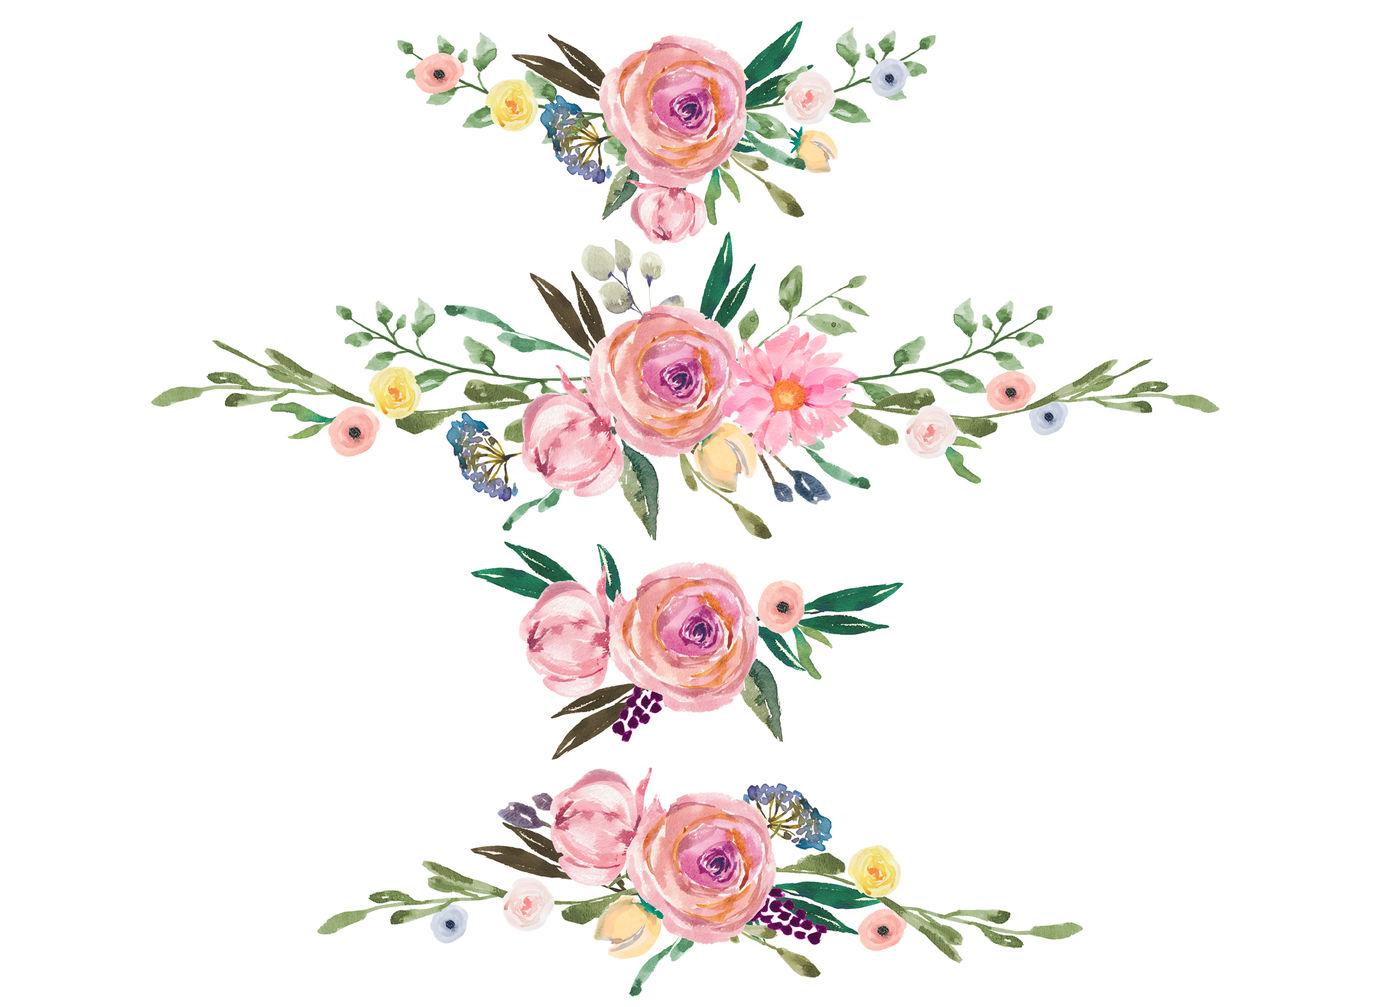 Watercolor arrangements rustic flowers. Floral decoration clipart